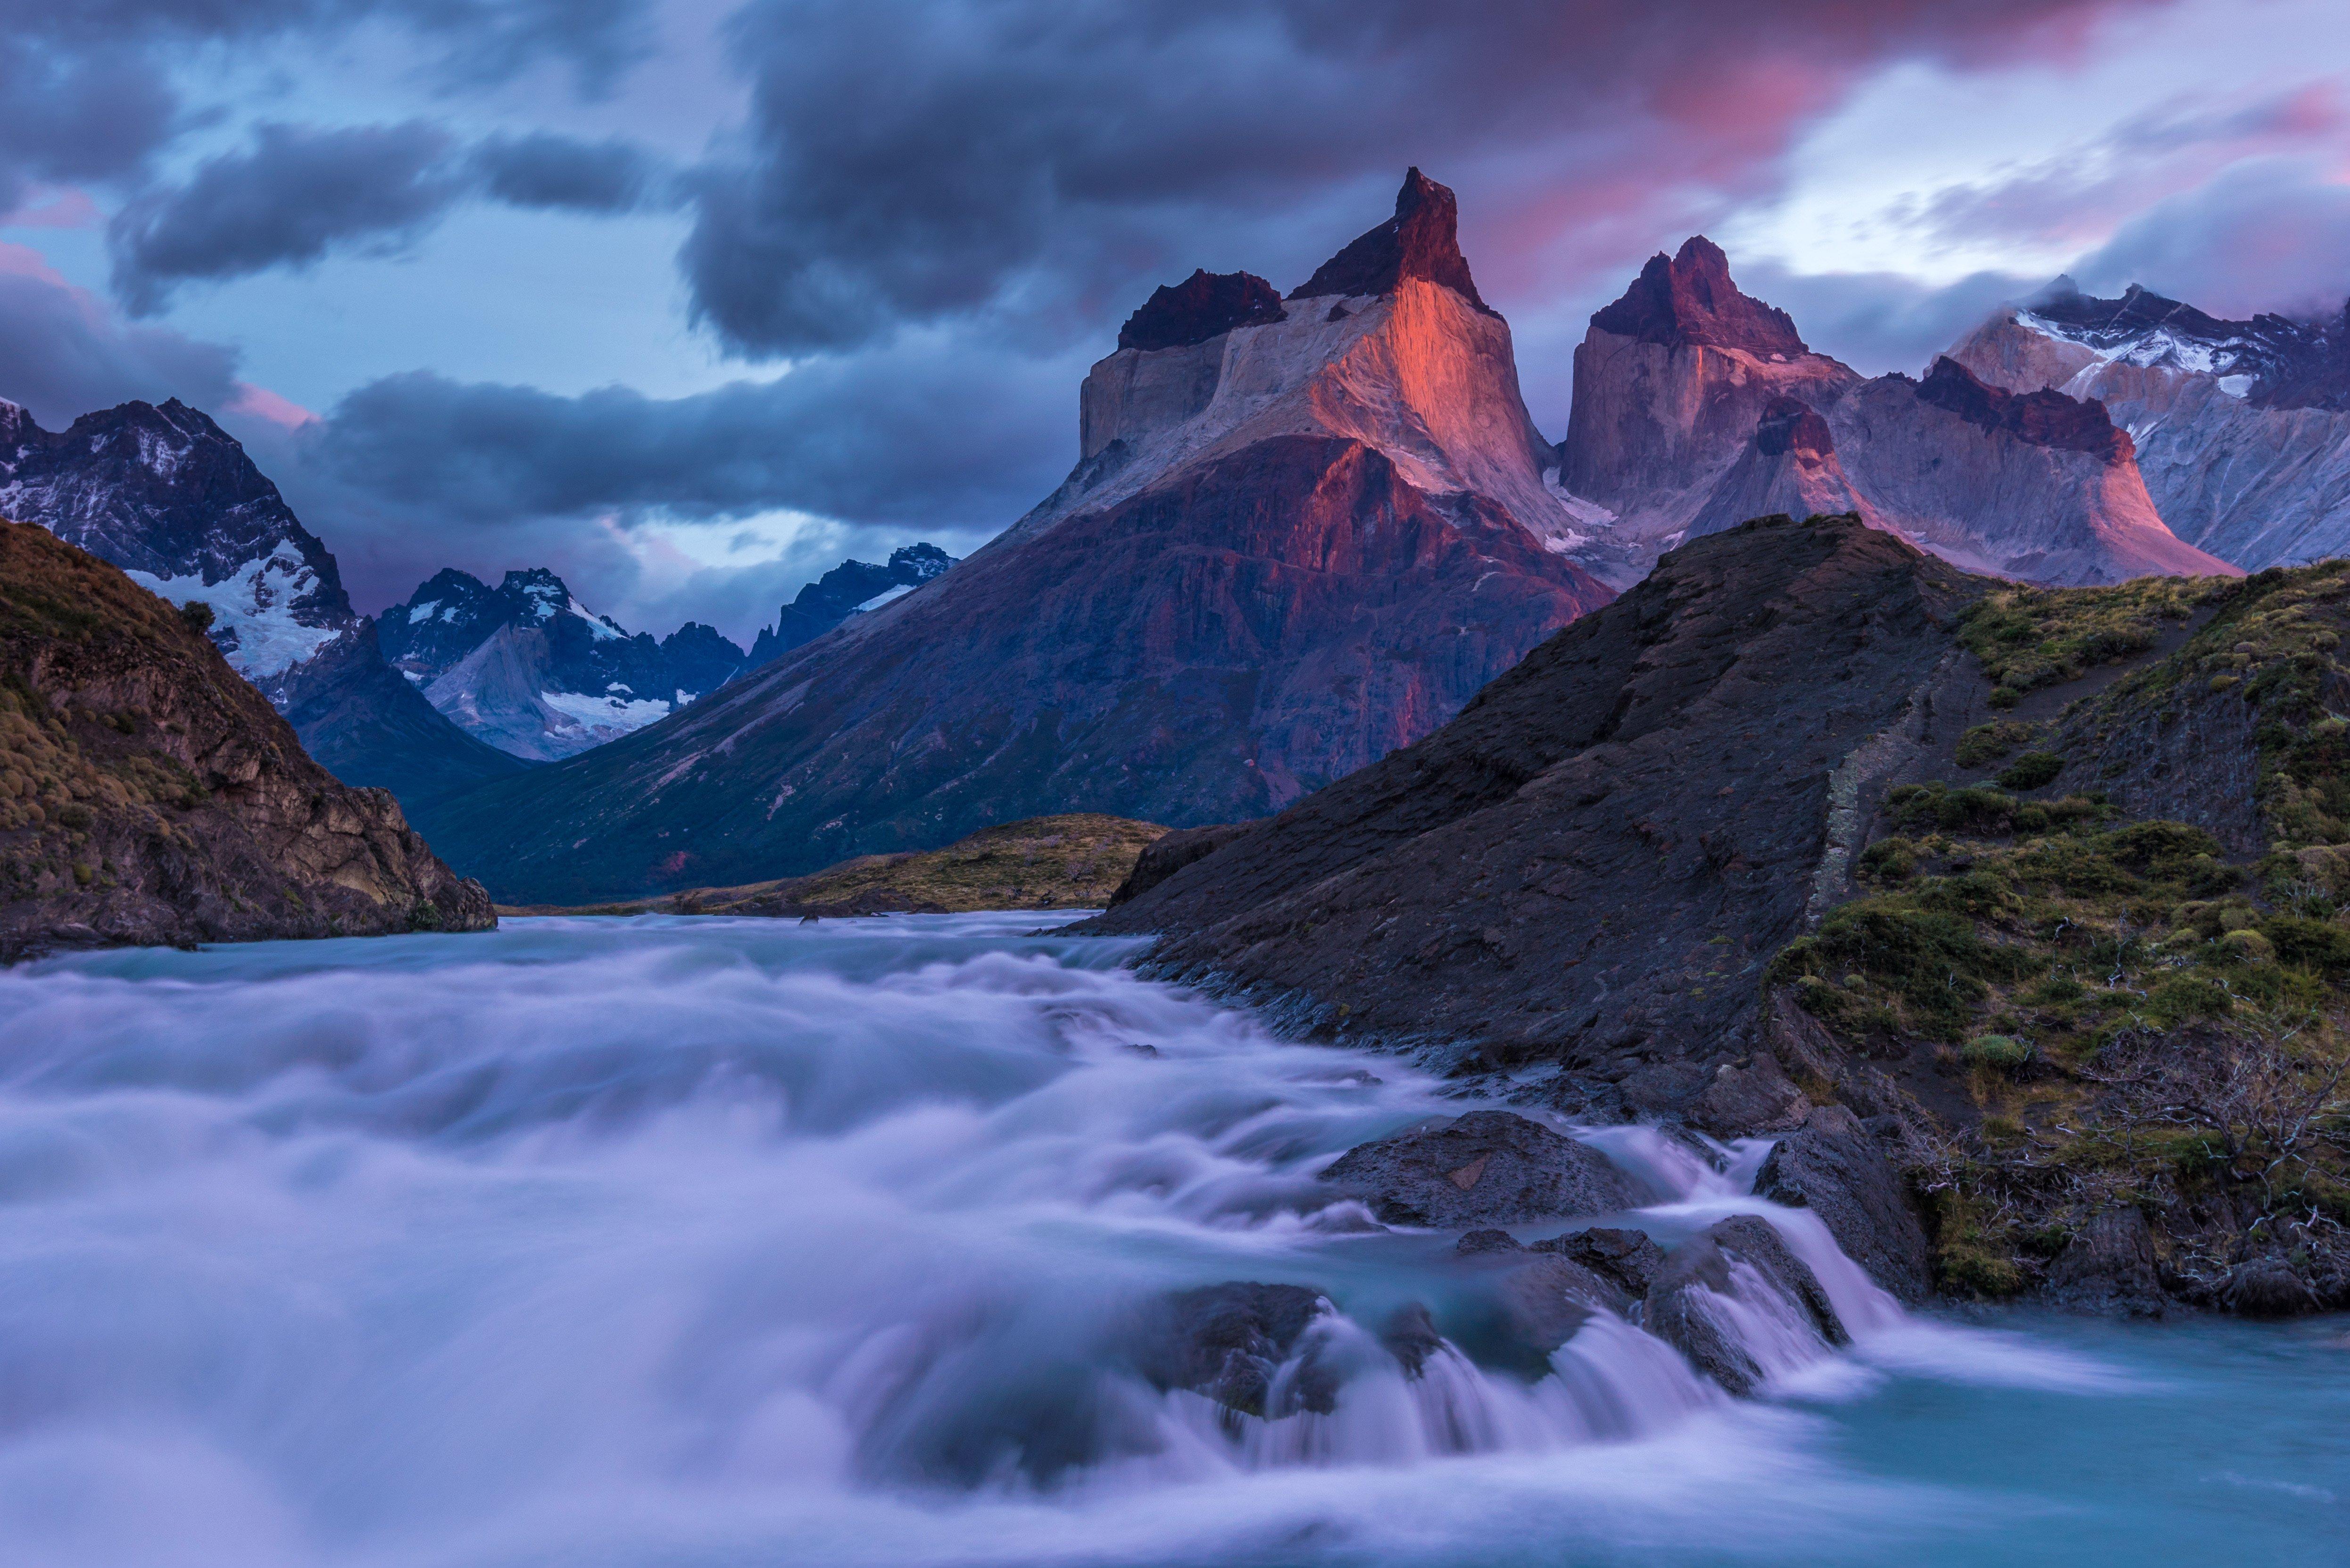 CHILE_Die_Cuernos_del_Paine_Im_Torres_del_Paine_Nationalpark